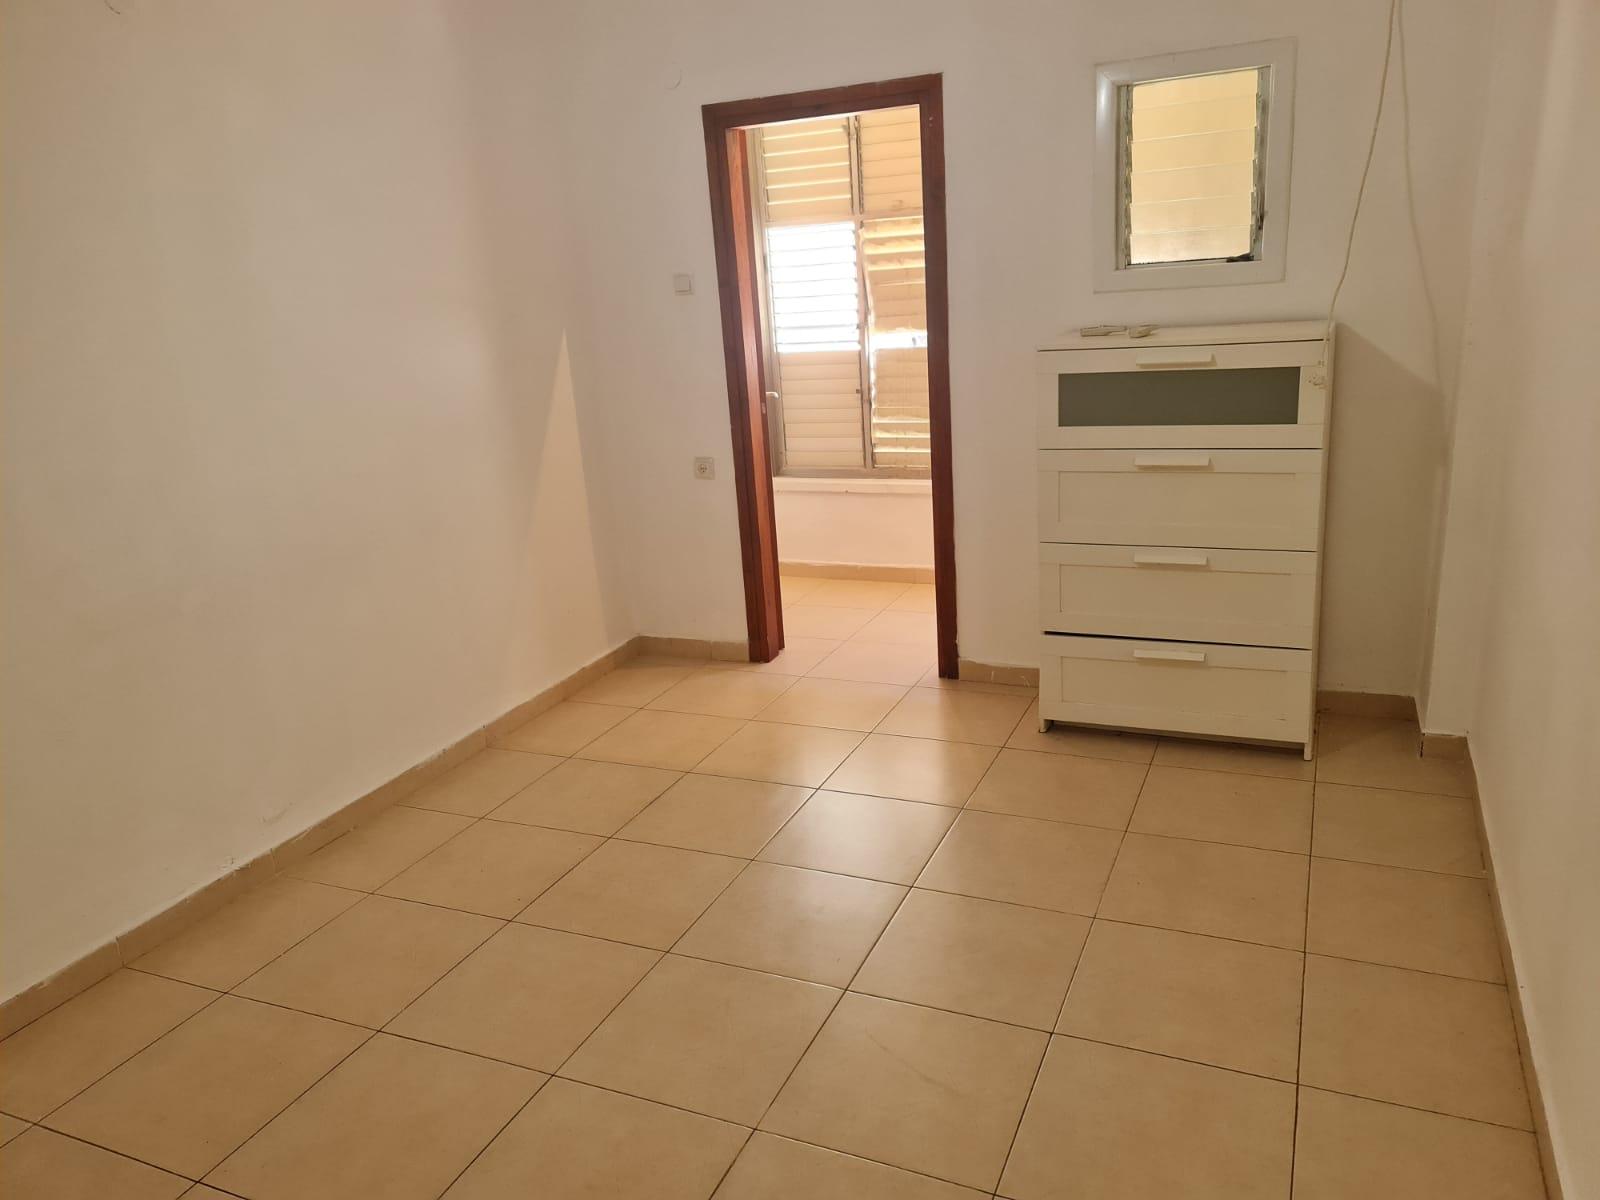 תמונה 2 ,דירה 3.5 חדרים כצנלסון  ניצנה בת ים